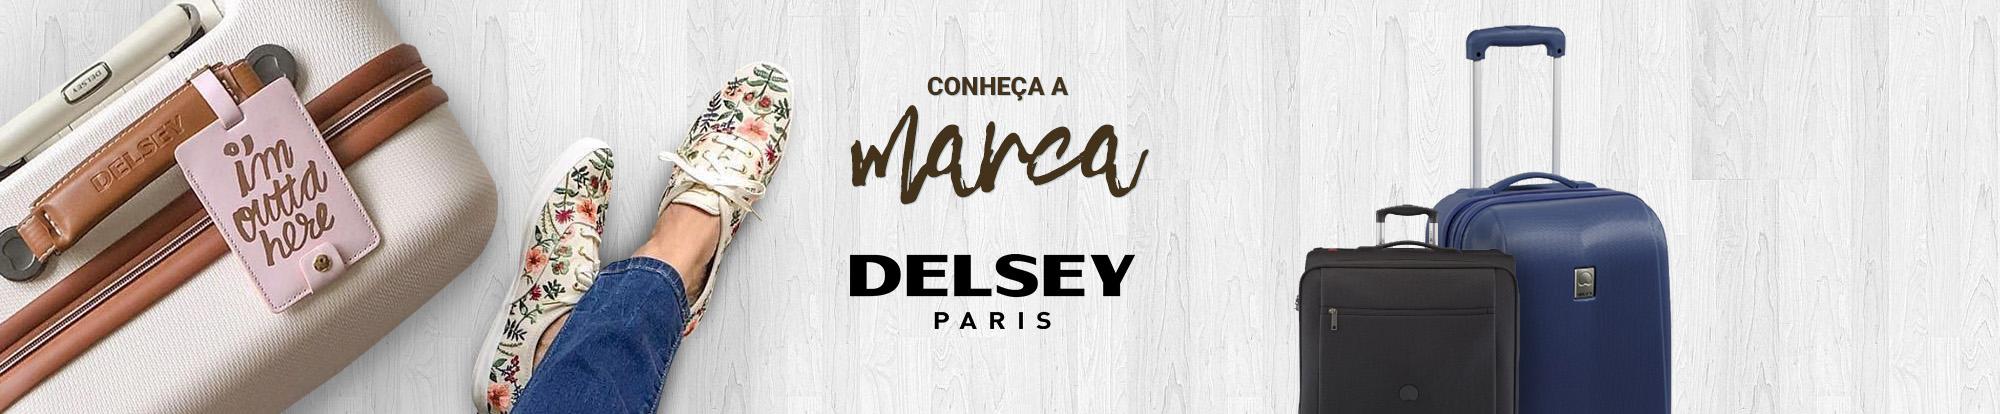 Banner Marca Delsey